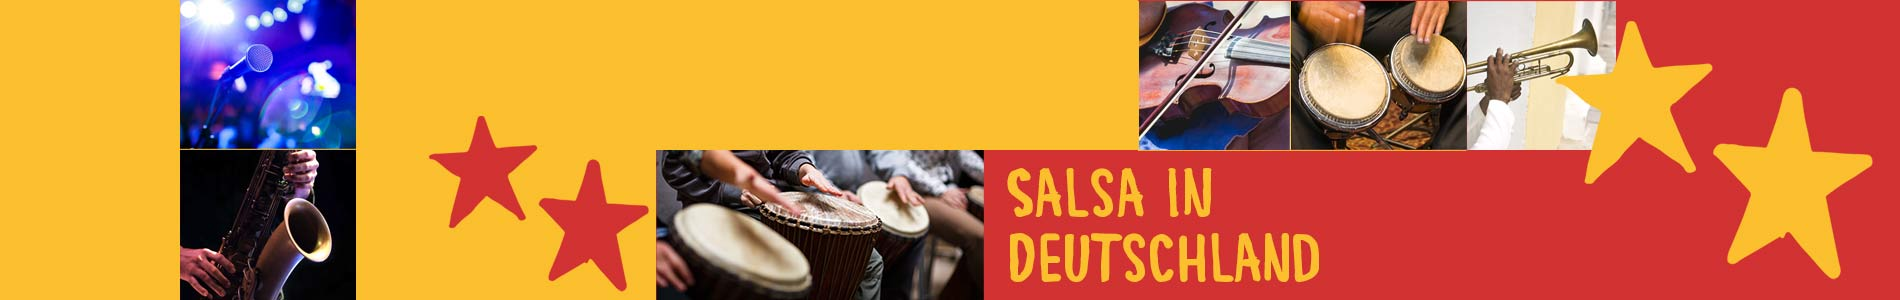 Salsa in Börger – Salsa lernen und tanzen, Tanzkurse, Partys, Veranstaltungen